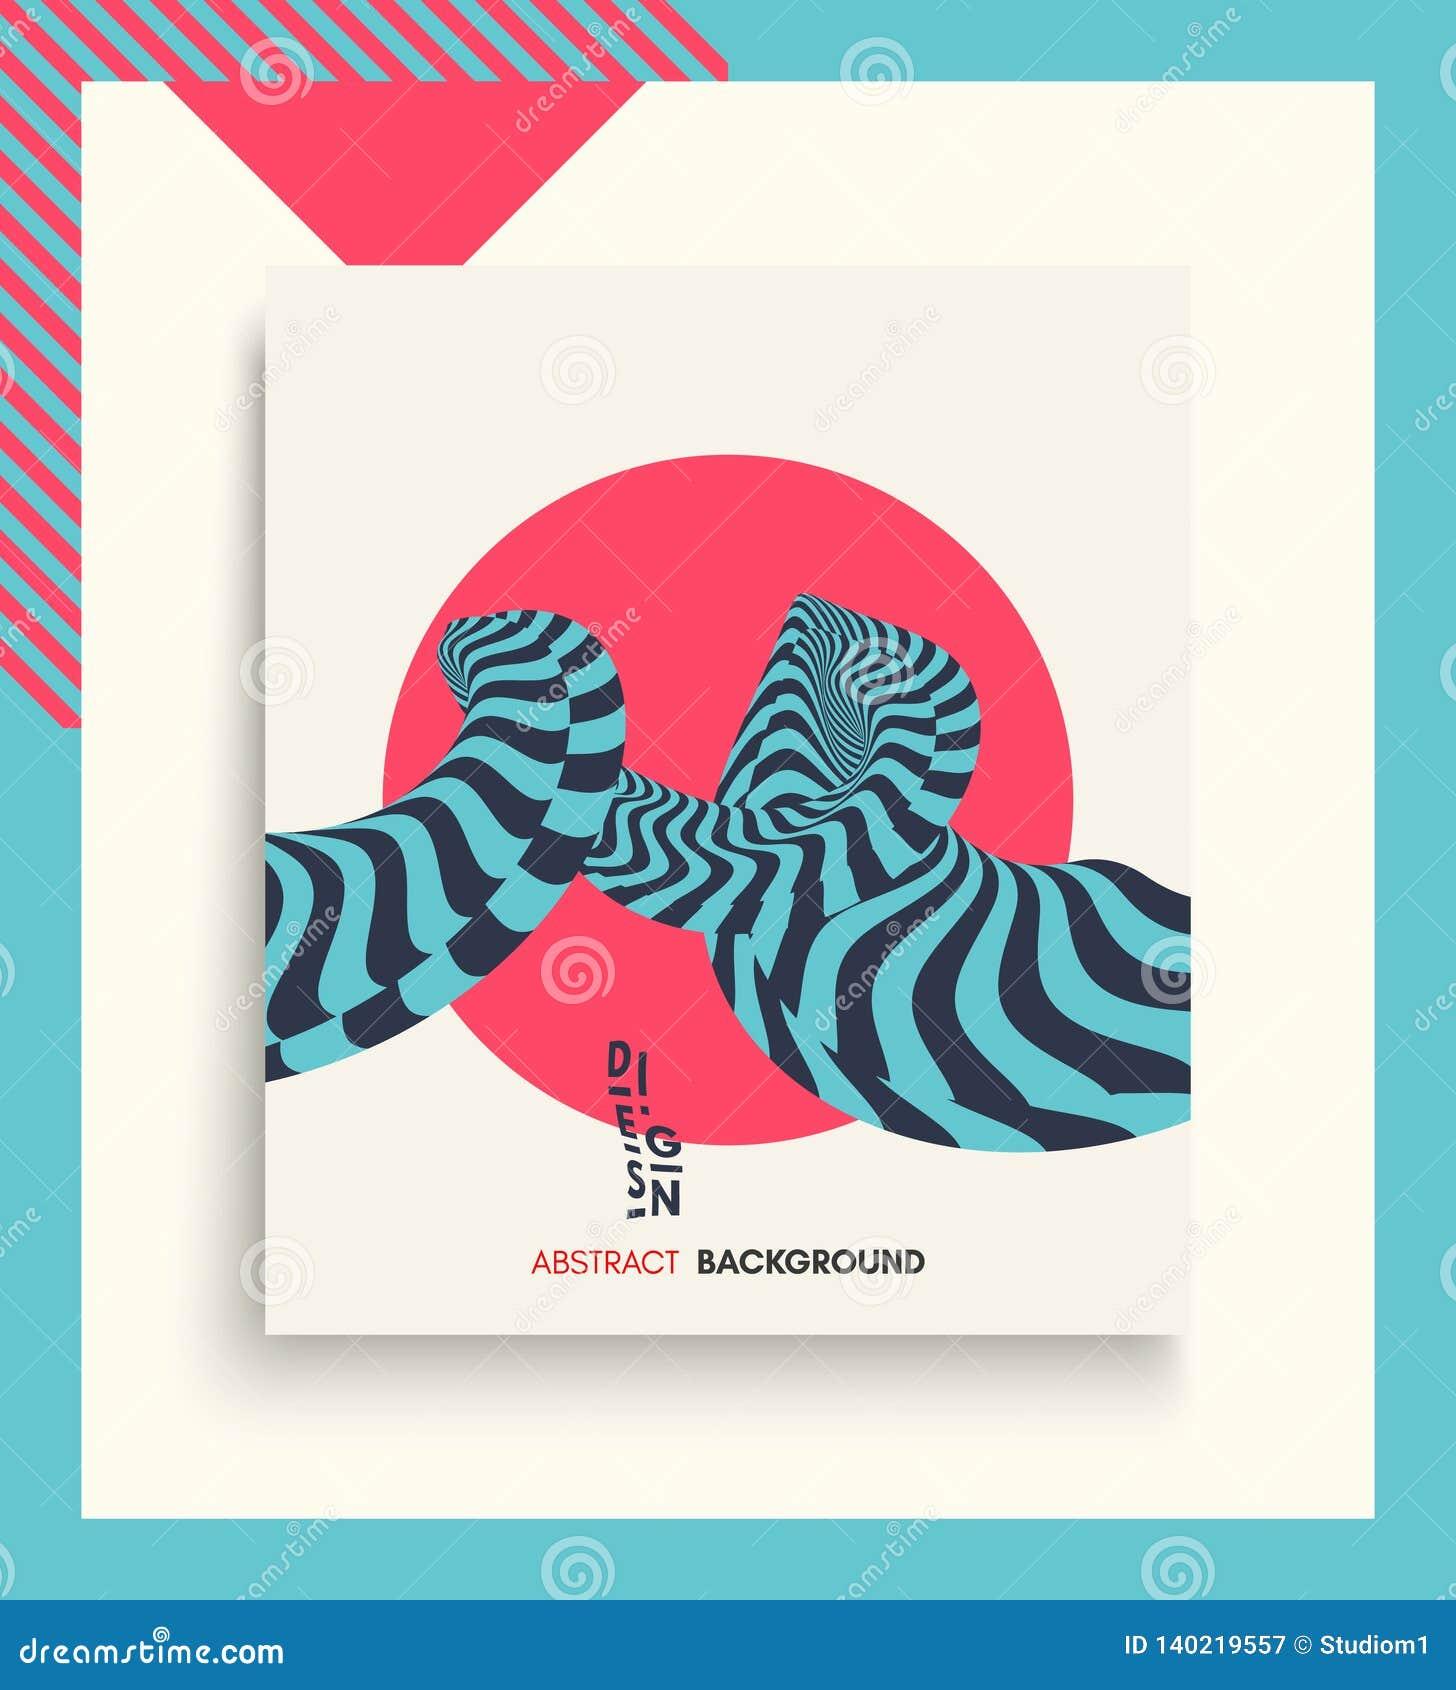 Abdeckungsdesignschablone Muster mit optischer Illusion Abstrakter geometrischer Hintergrund 3d Asiatische Vektorillustration